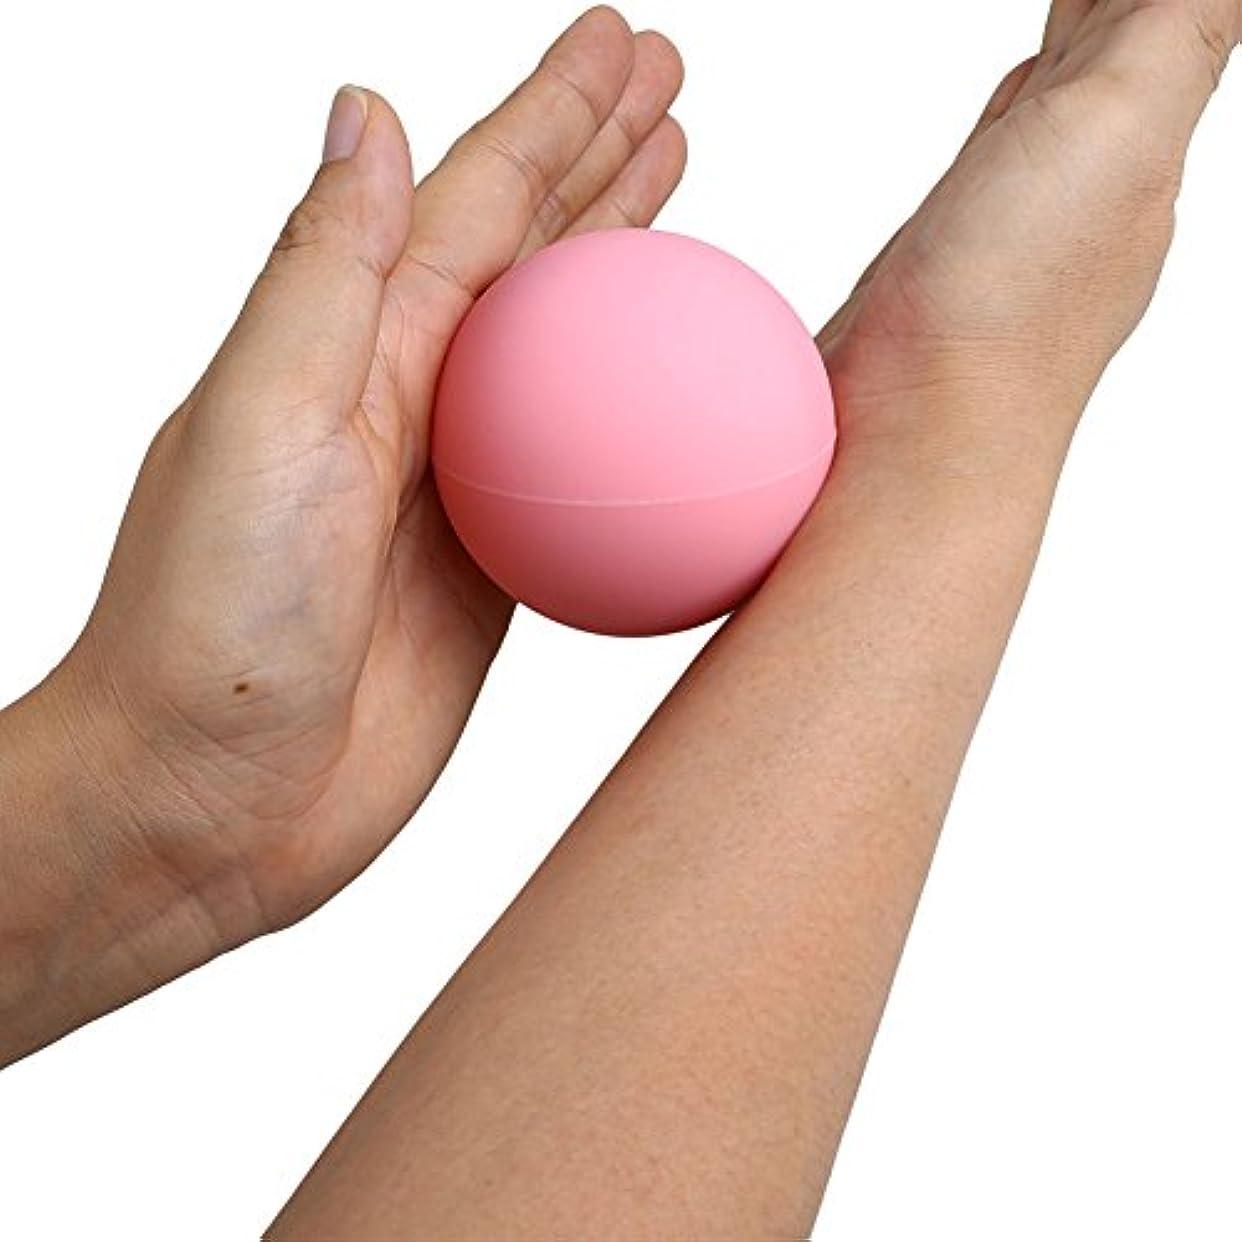 午後飛び込む意識Auntwhale ラクロスマッサージボール 毎日のためにジムヨガ 筋筋膜トリガーポイント リリース